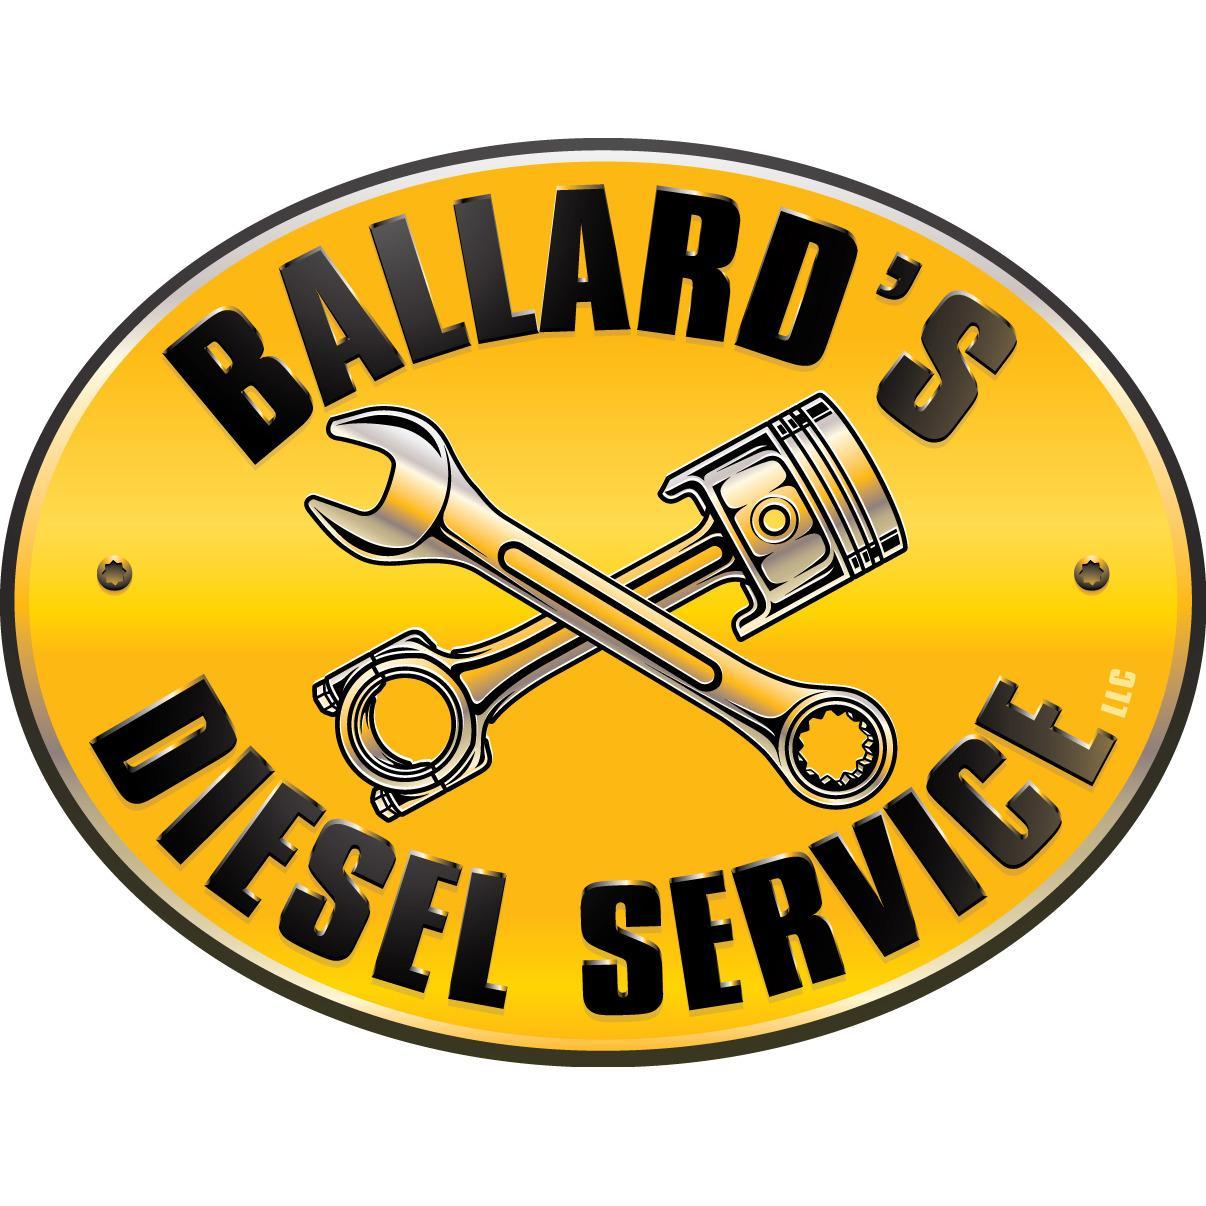 Ballard's Diesel Service, LLC